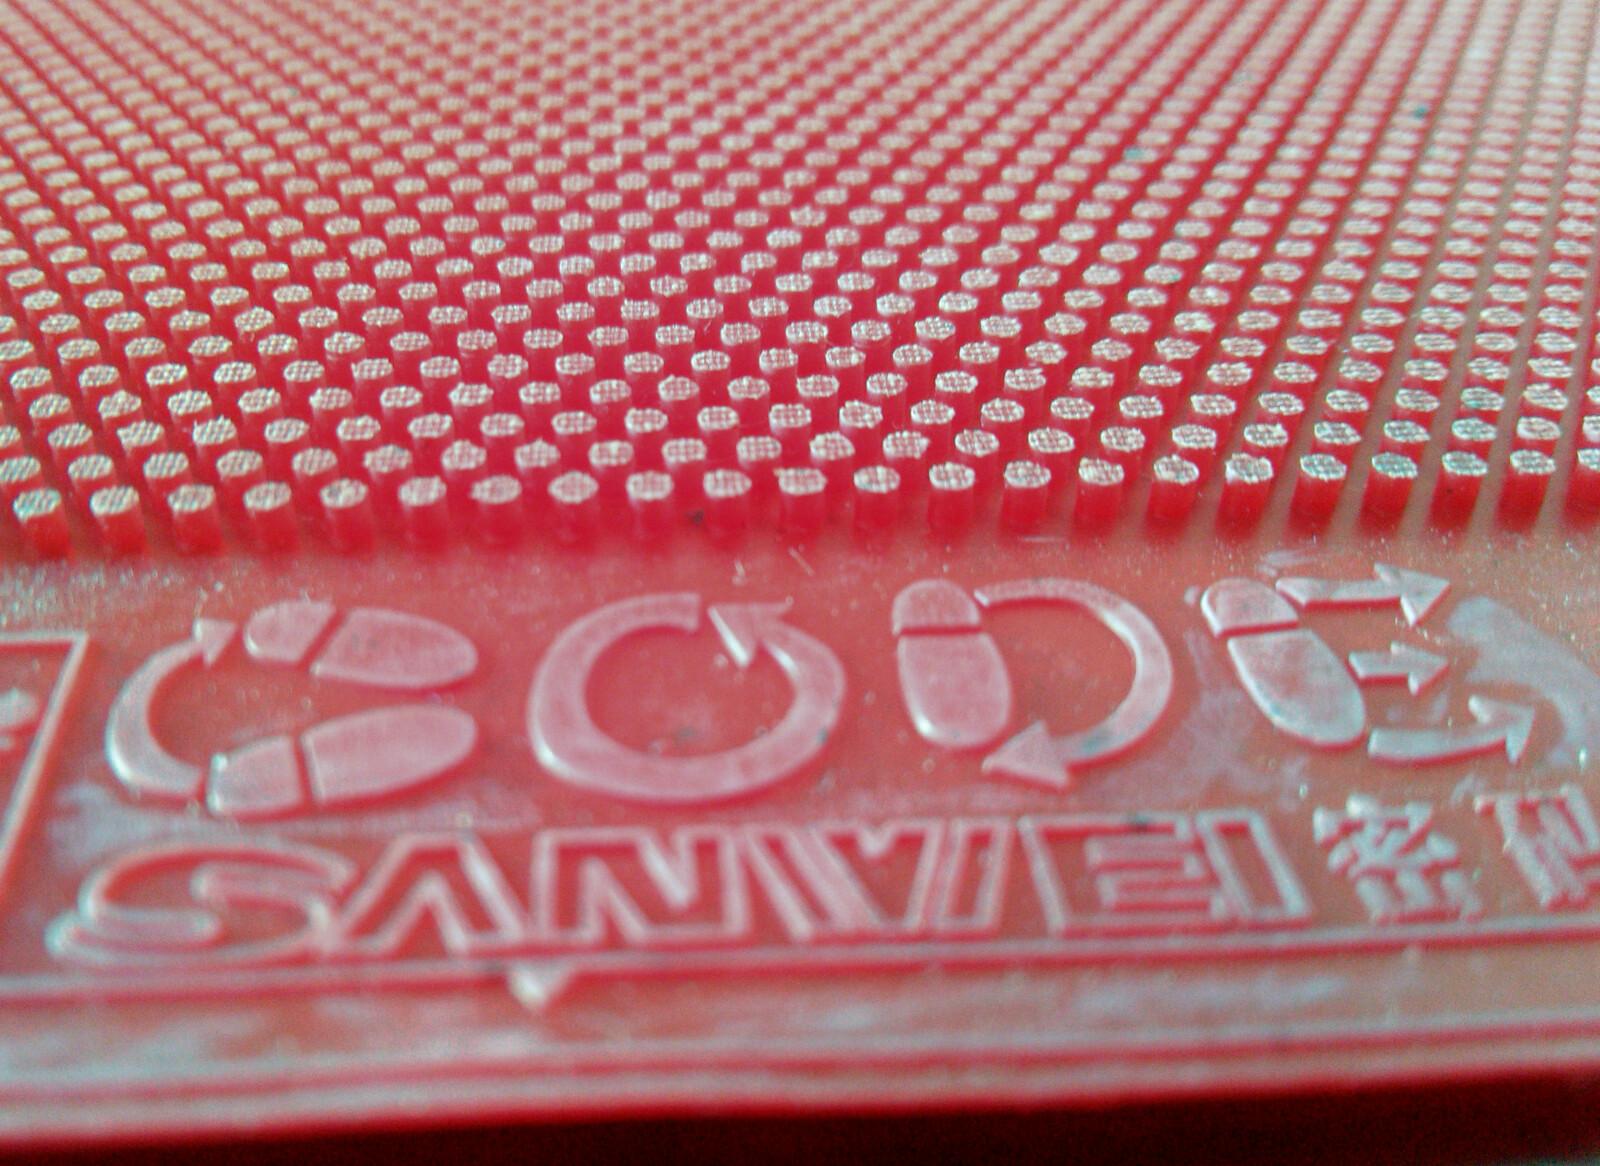 длинные шипы Sanwei Code, которые продаются без фирменной упаковки